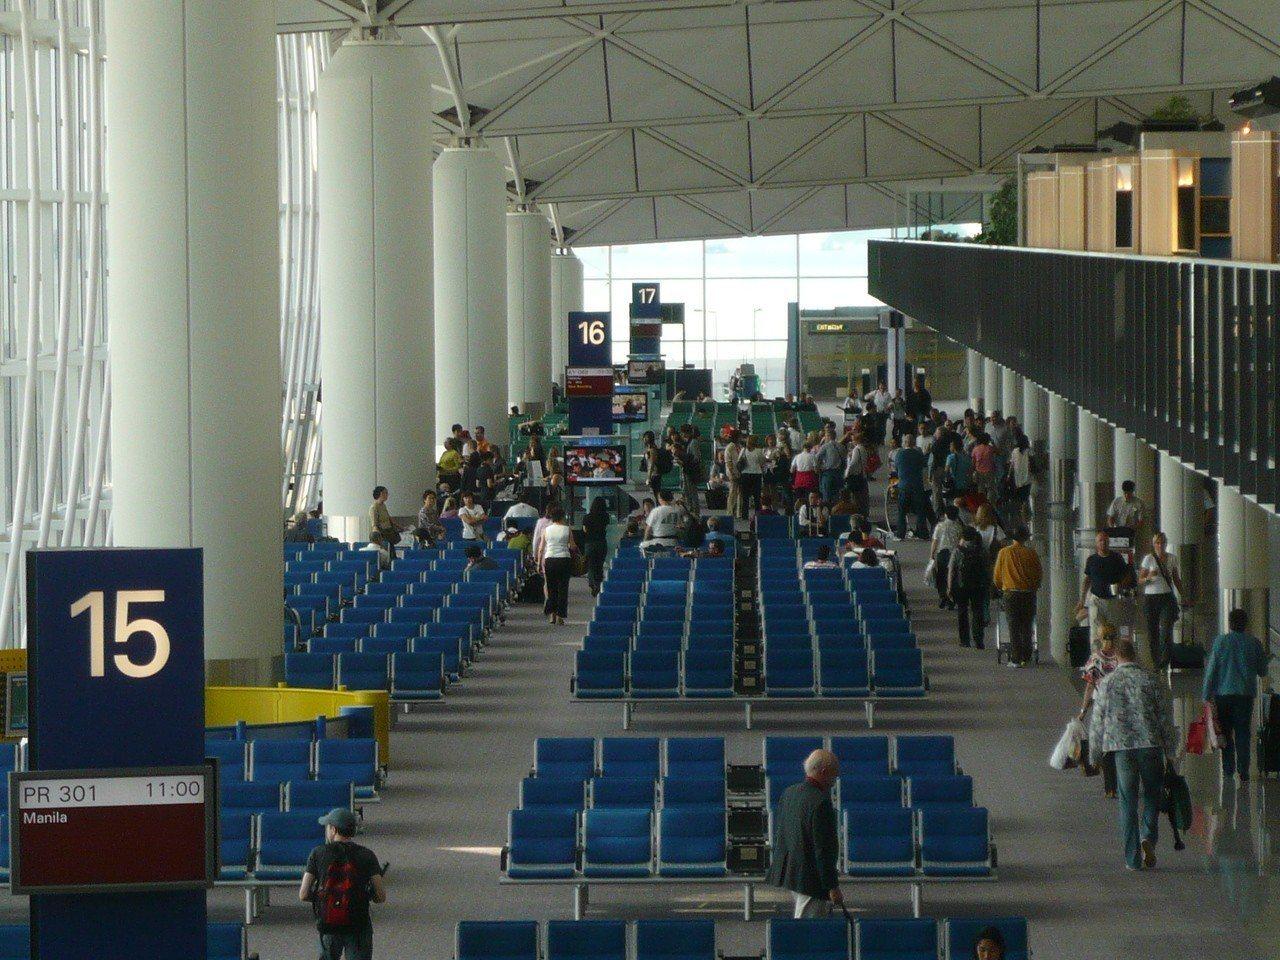 由於《逃犯條例》修法後所影響的,是所有在港人士,換言之,只要台灣人在港轉機、過境...